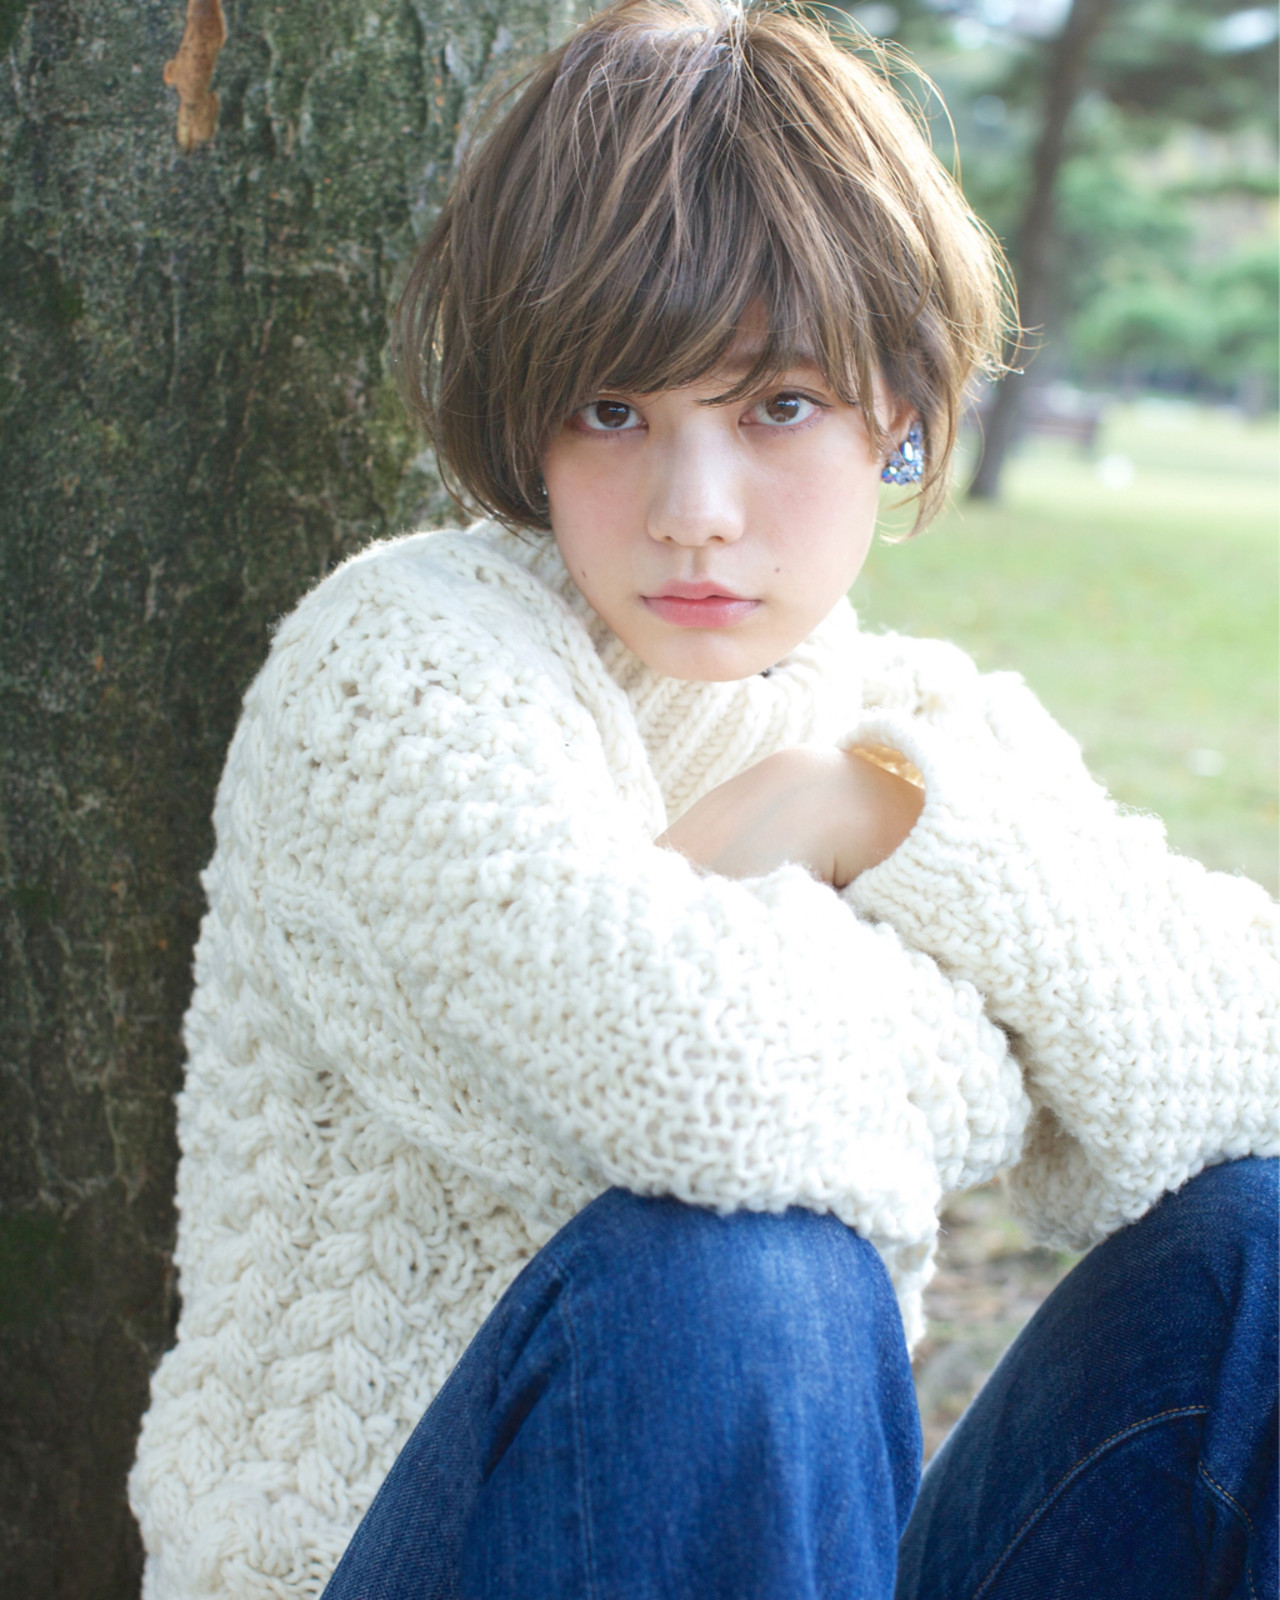 【ショートヘア画像集】こんな髪型にしたい♡真似したくなるヘアスタイル 佐脇 正徳 | LOAVE AOYAMA(ローヴ アオヤマ)